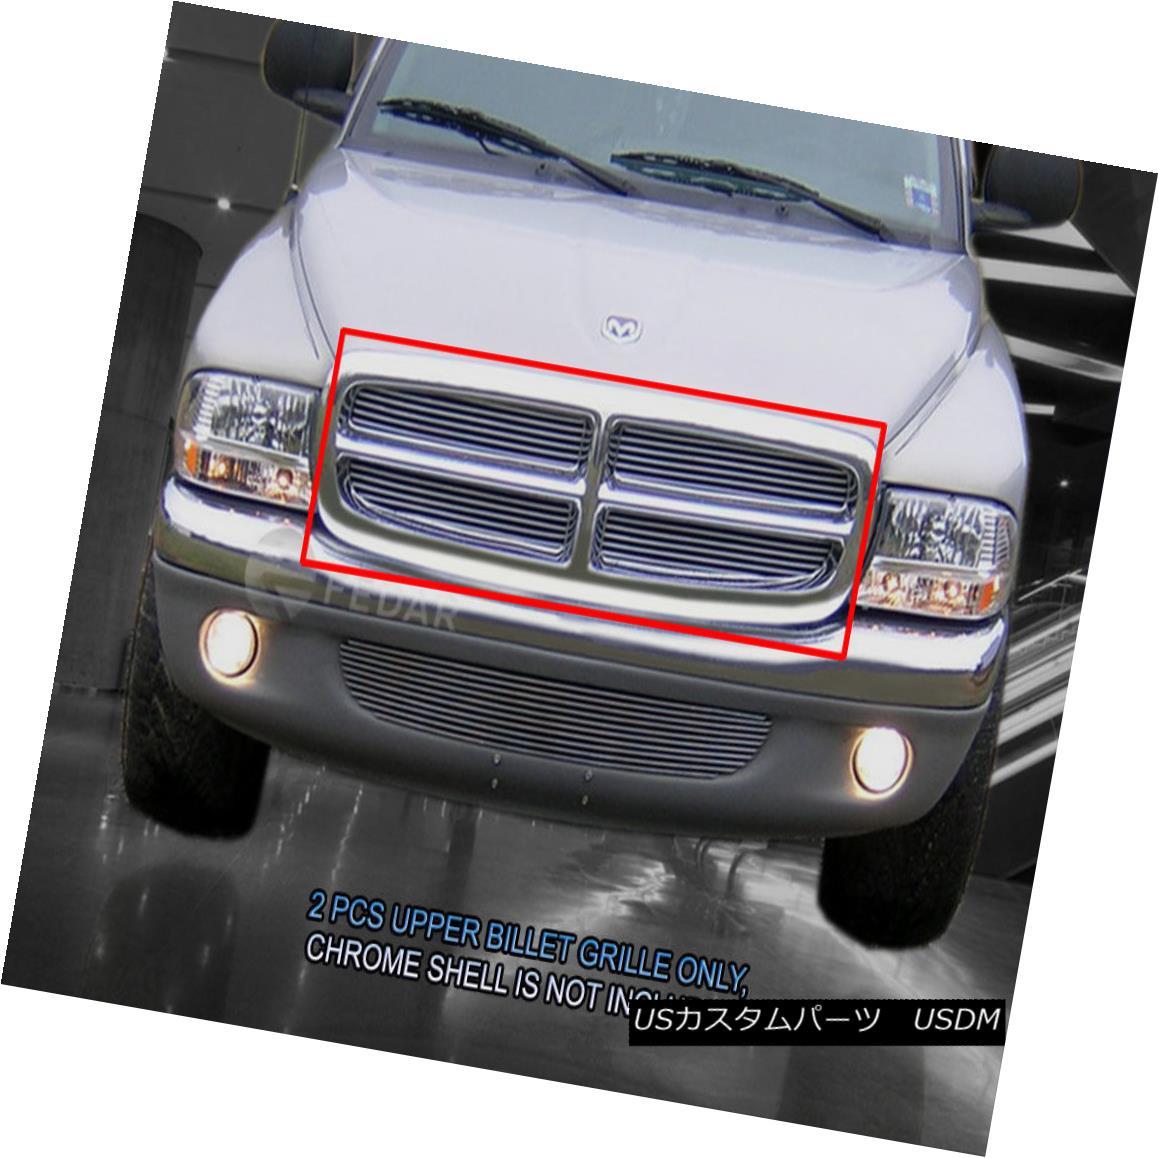 グリル 97-03 Dodge Durango 97-04 Dakota Billet Grille Grill Insert Fedar 97-03 Dodge Durango 97-04 Dakota BilletグリルグリルインサートFedar